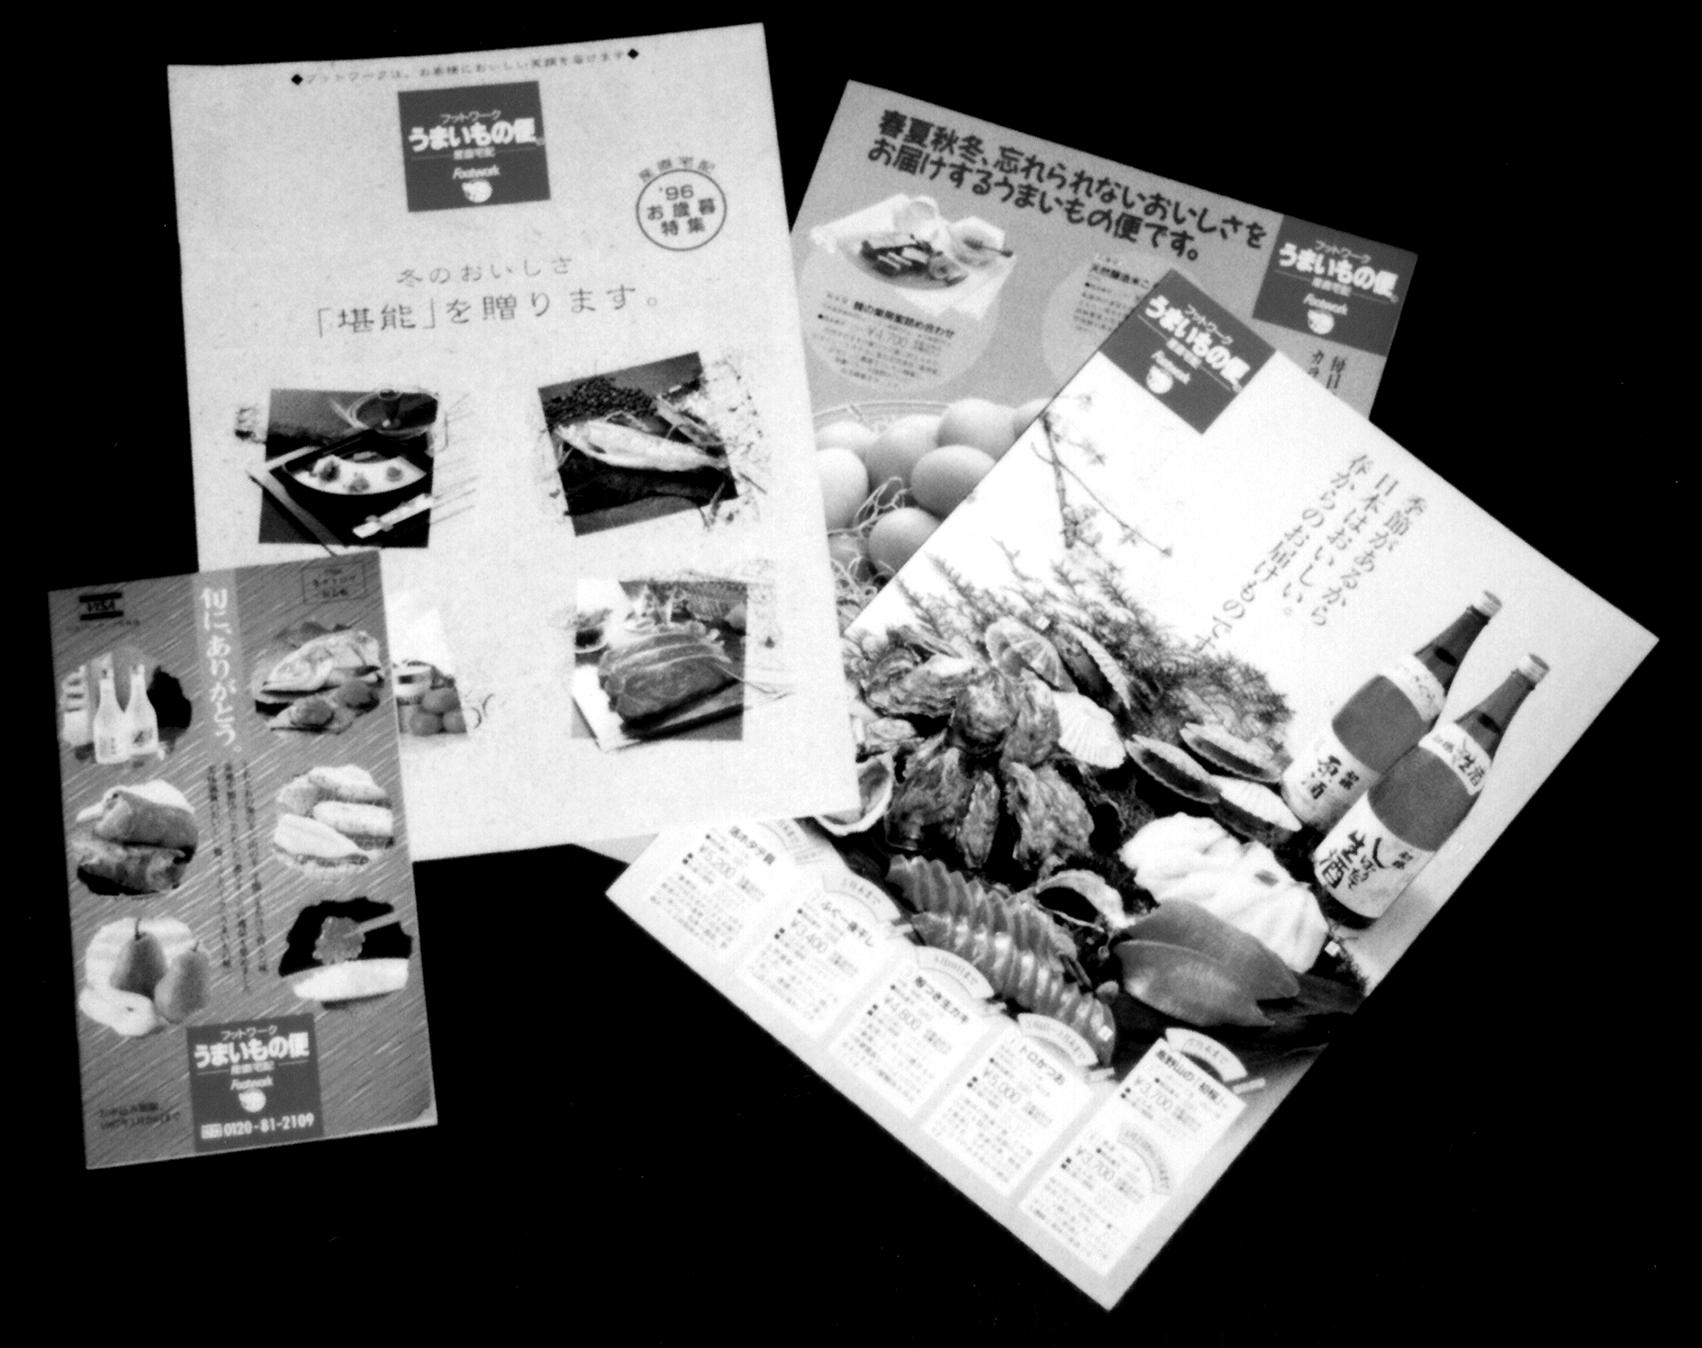 日本全国の特産品が勢揃い。見るからに美味しそうな「うまいもの便」のカタログ